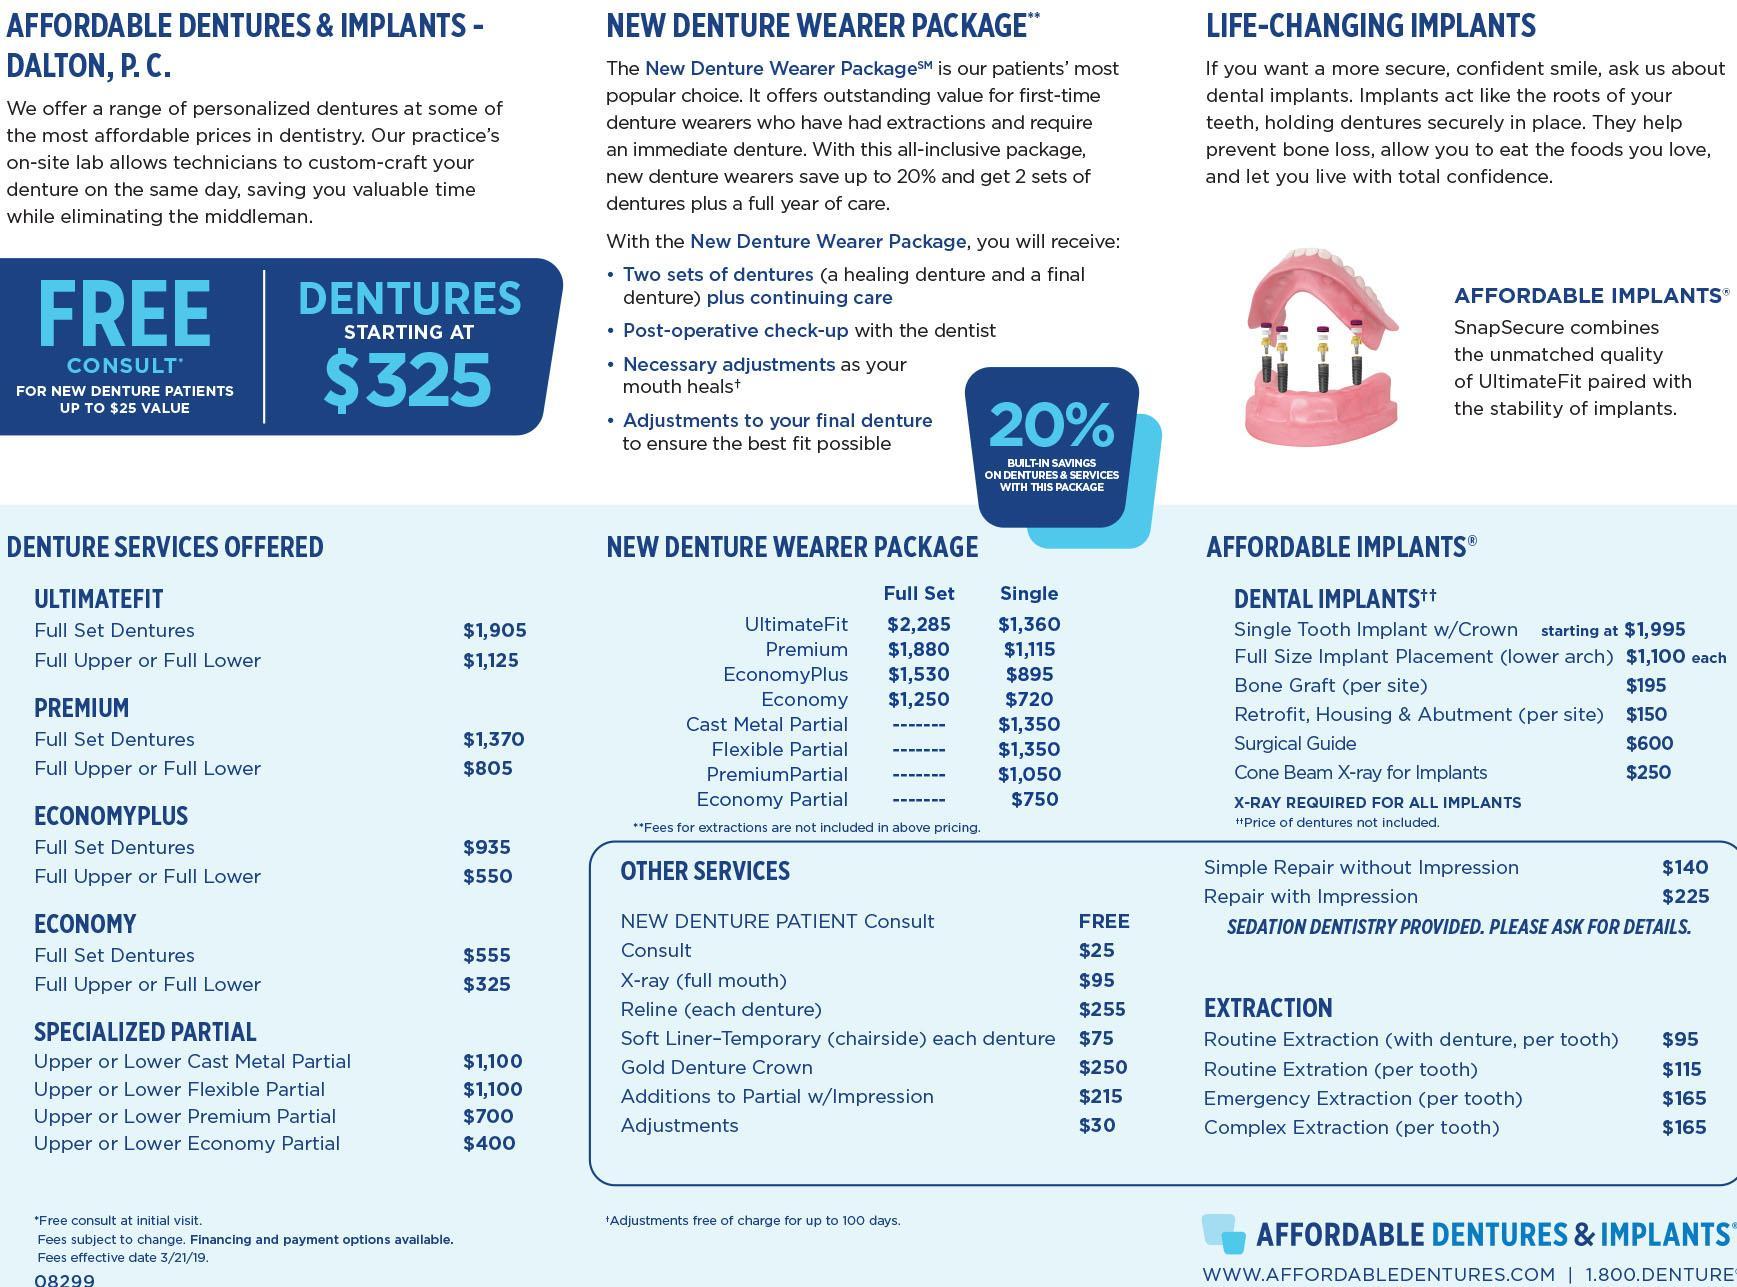 Affordable Dentures 1513 W Walnut Ave, Dalton, GA 30720 ...